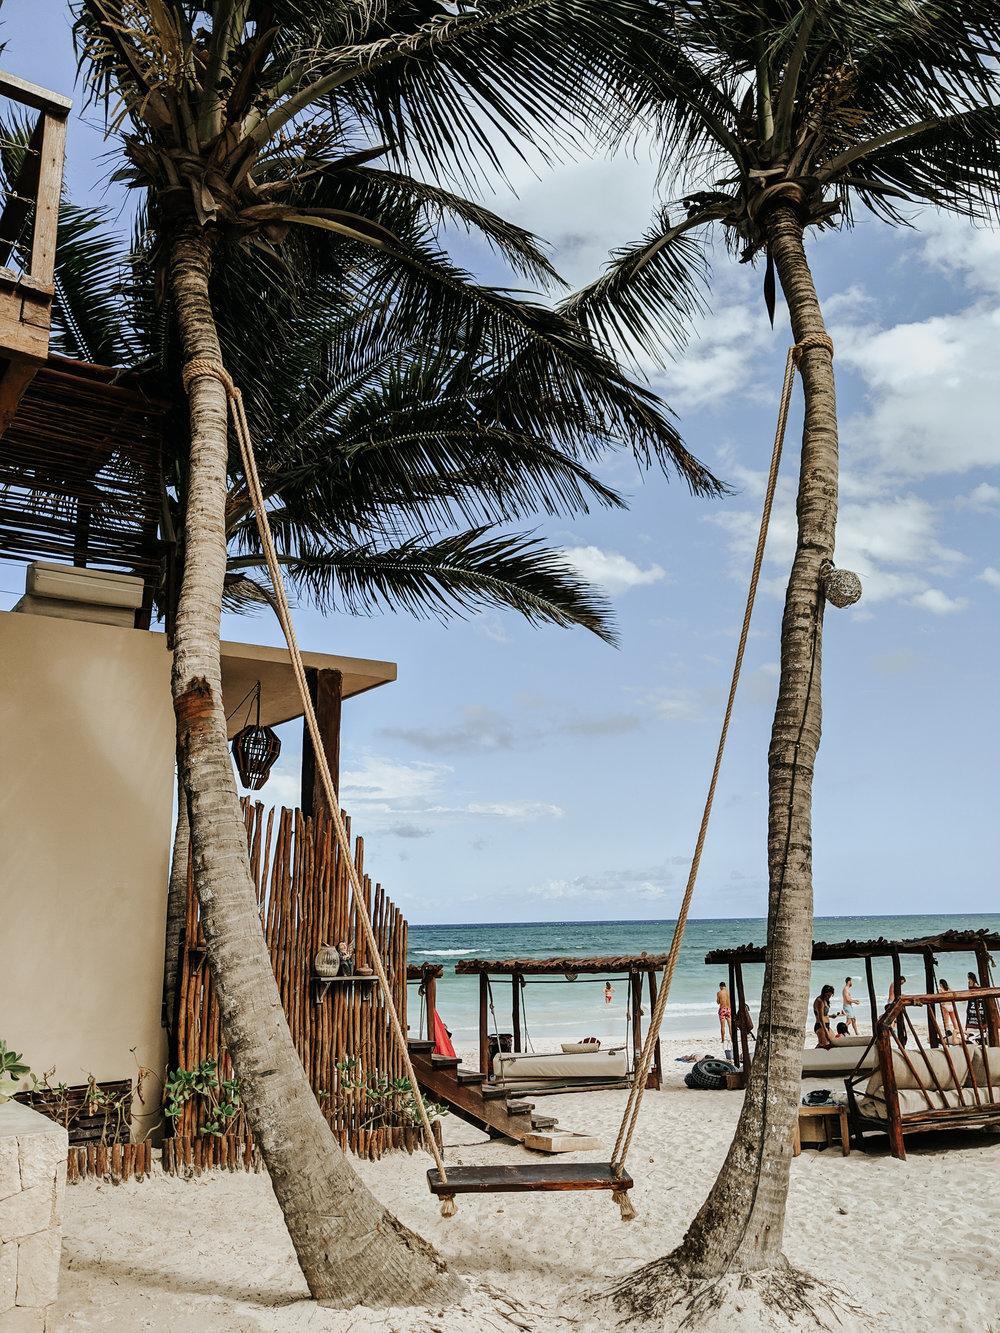 Image: Tulum Travel Tips - La Zebra Hotel Tulum - Best Hotels Tulum